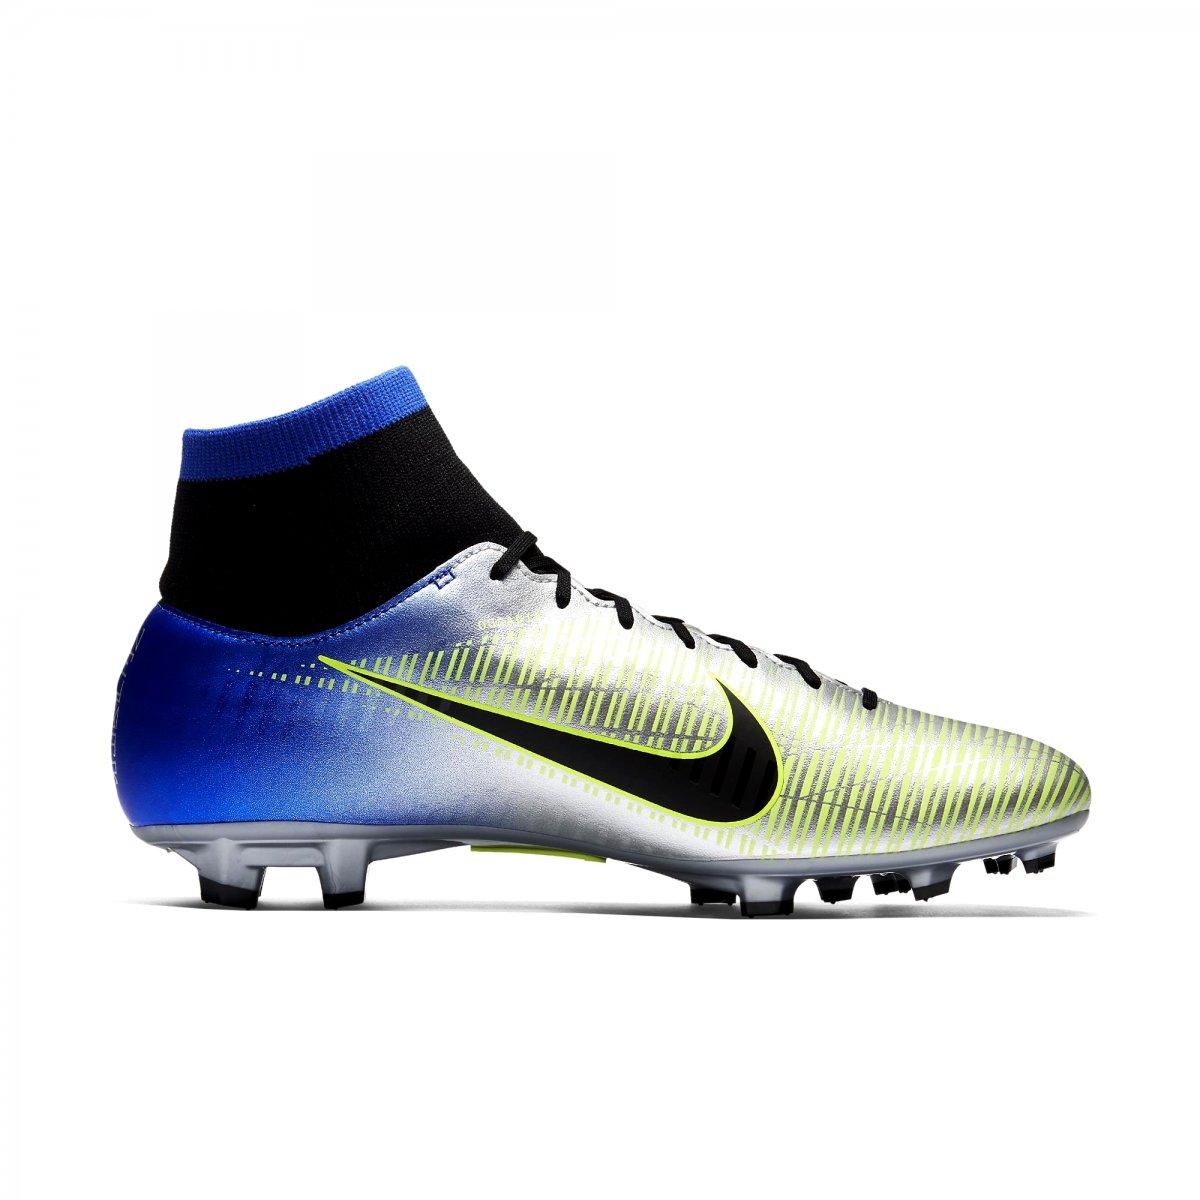 de8c5493e2bc4 Chuteira Mercurial Victory VI DF Neymar Junior FG Nike 921506-407 ...